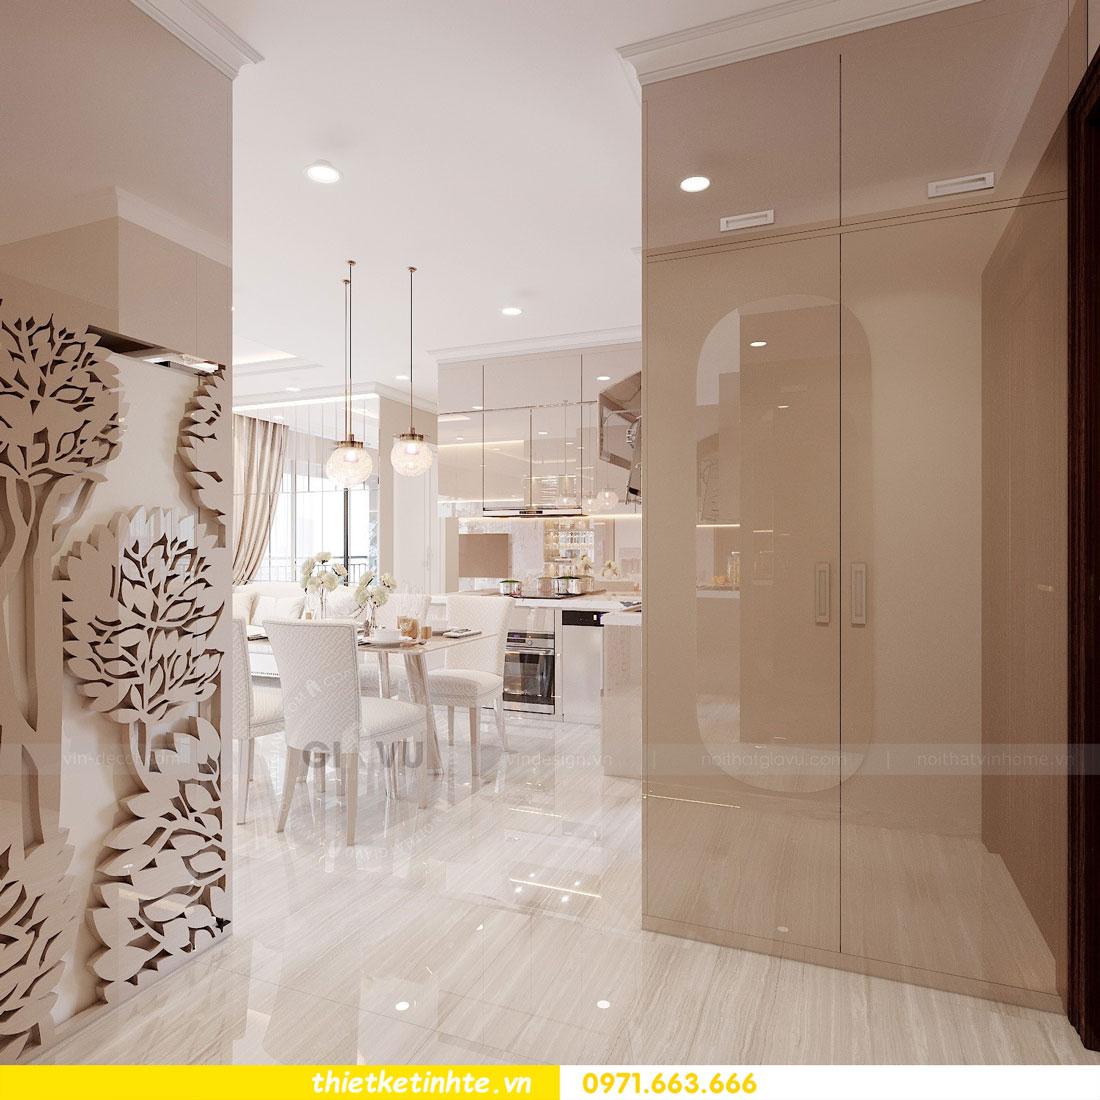 thiết kế nội thất chung cư với gỗ Acrylic nhà chị Huệ 01